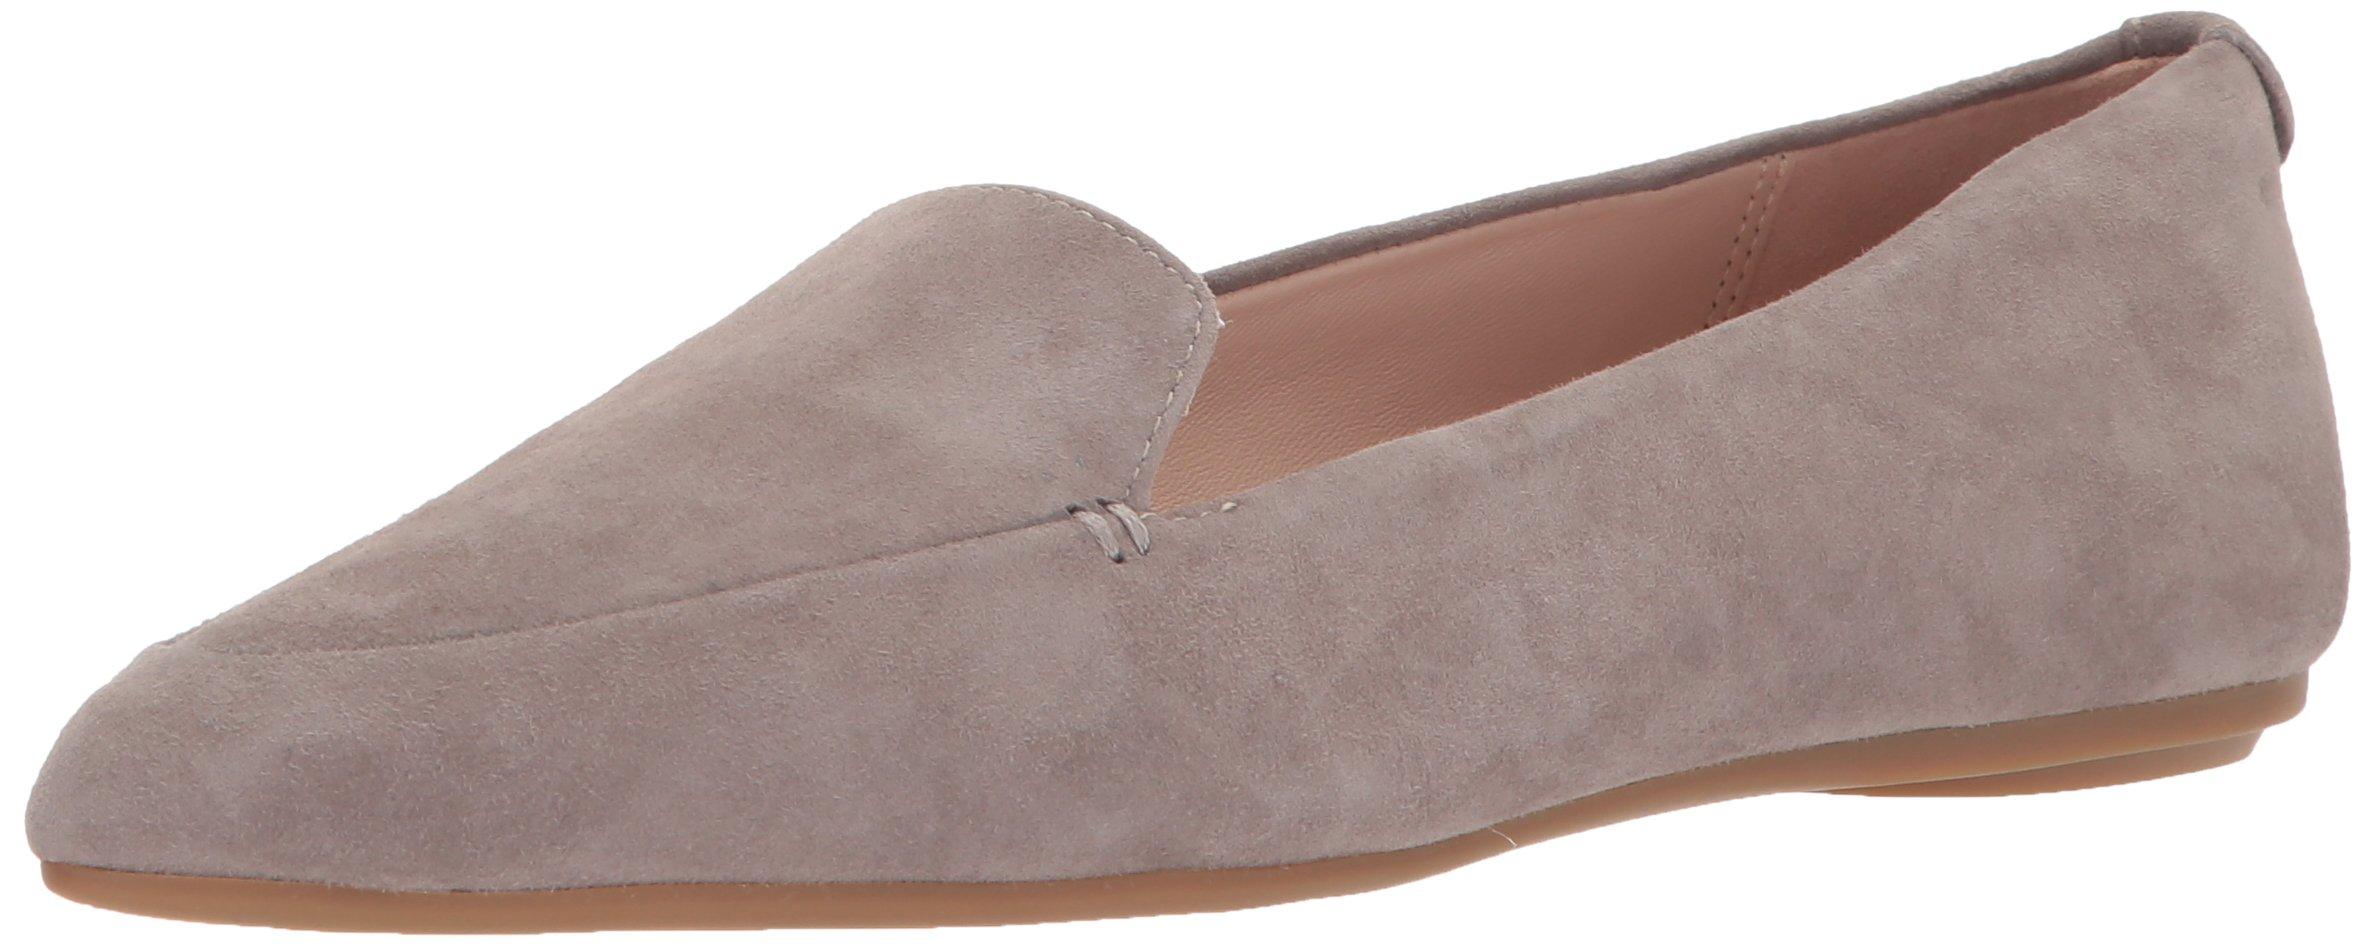 Taryn Rose Women's Faye Silky Suede Loafer Flat, Grey, 7.5 M M US